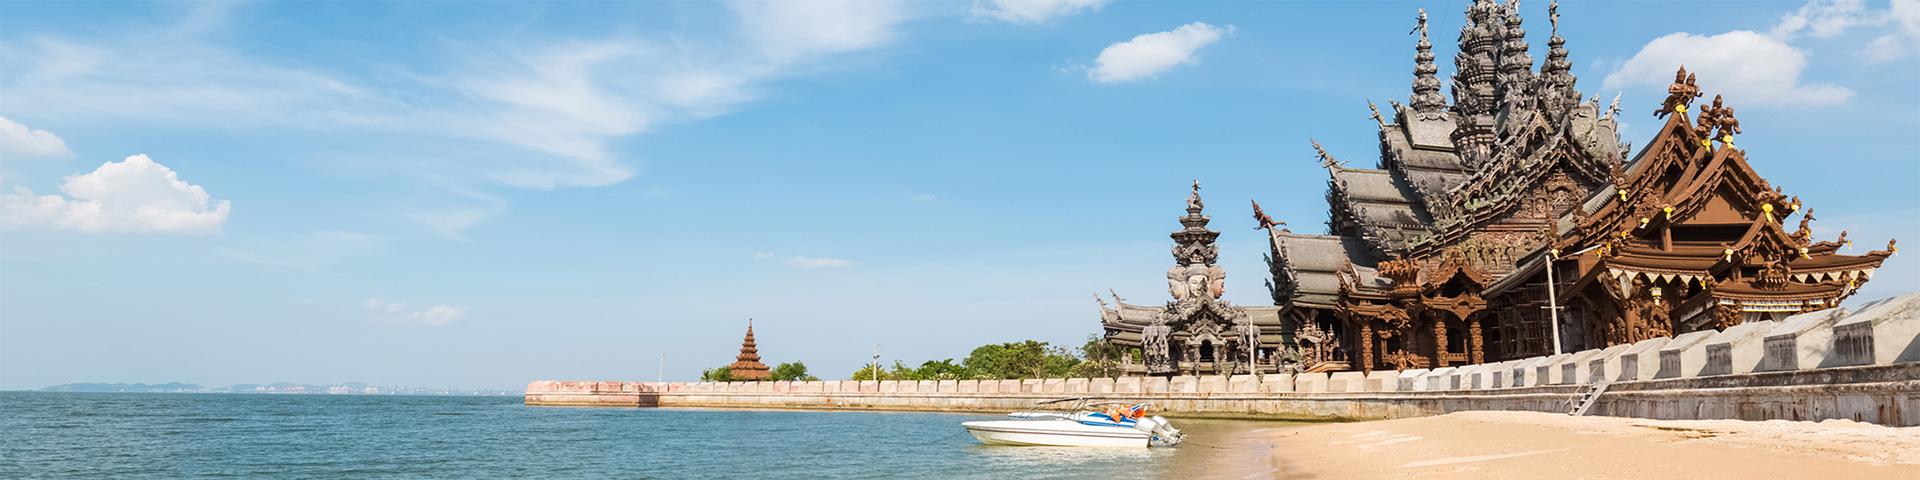 تورهای بانکوک و پوکت همیشه سفر